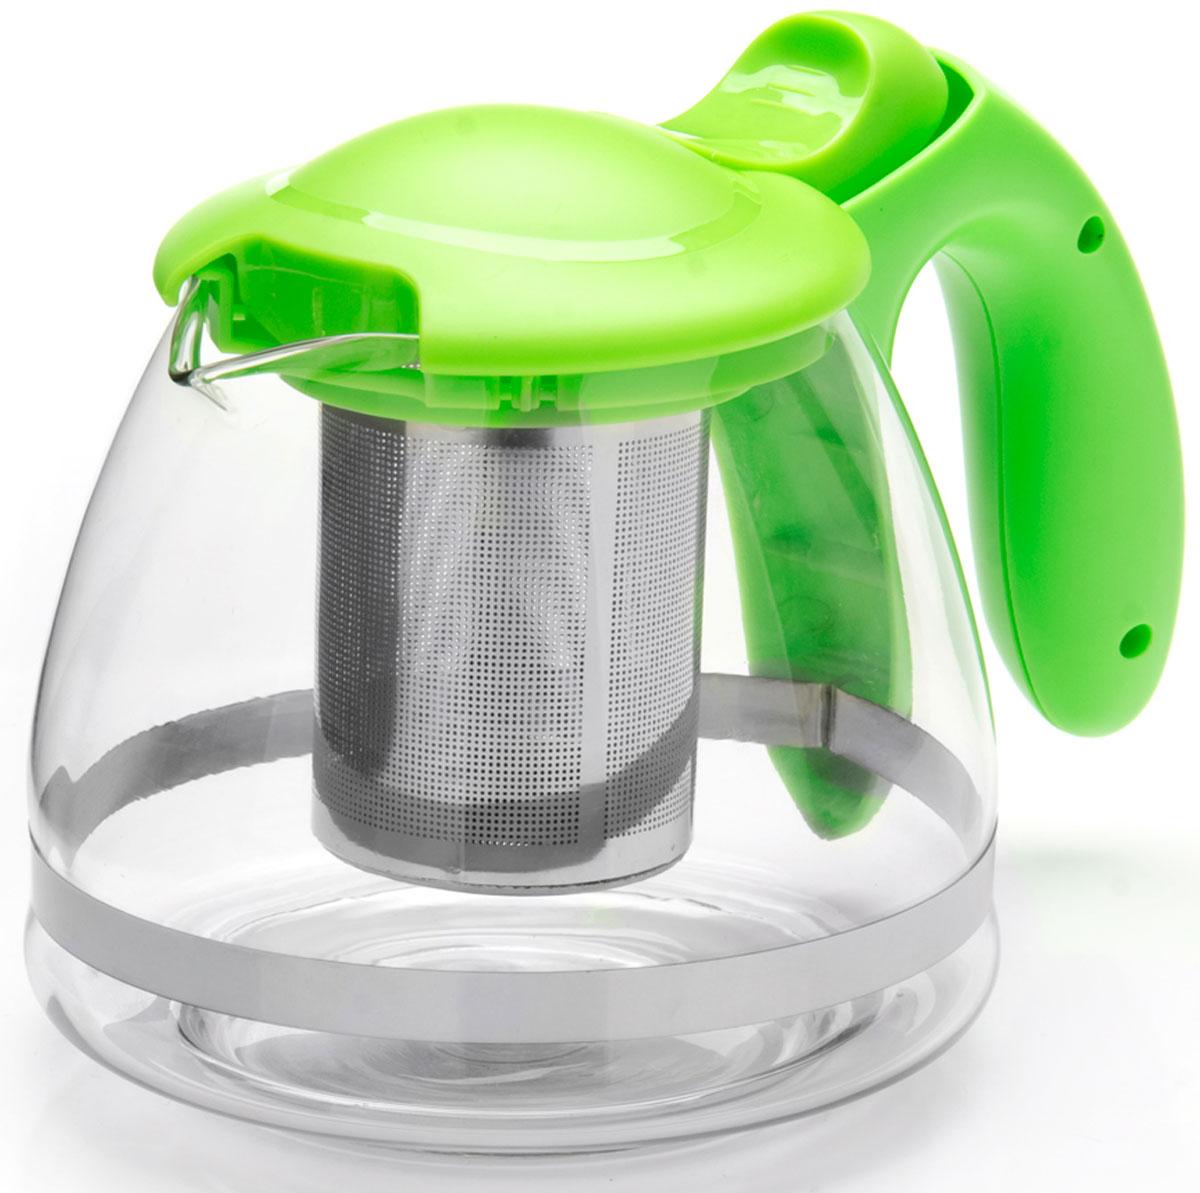 Чайник заварочный Mayer & Boch, с фильтром, цвет: зеленый, 1,2 л. 26172-368/5/4Заварочный чайник Mayer & Boch изготовлен из термостойкого боросиликатного стекла, фильтр выполнен из нержавеющей стали. Изделия из стекла не впитывают запахи, благодаря чему вы всегда получите натуральный, насыщенный вкус и аромат напитков. Заварочный чайник из стекла удобно использовать для повседневного заваривания чая практически любого сорта. Но цветочные, фруктовые, красные и желтые сорта чая лучше других раскрывают свой вкус и аромат при заваривании именно в стеклянных чайниках, а также сохраняют все полезные ферменты и витамины, содержащиеся в чайных листах. Стальной фильтр гарантирует прозрачность и чистоту напитка от чайных листьев, при этом сохранив букет и насыщенность чая.Прозрачные стенки чайника дают возможность насладиться насыщенным цветом заваренного чая. Изящный заварочный чайник Mayer & Boch будет прекрасно смотреться в любом интерьере. Подходит для мытья в посудомоечной машине.